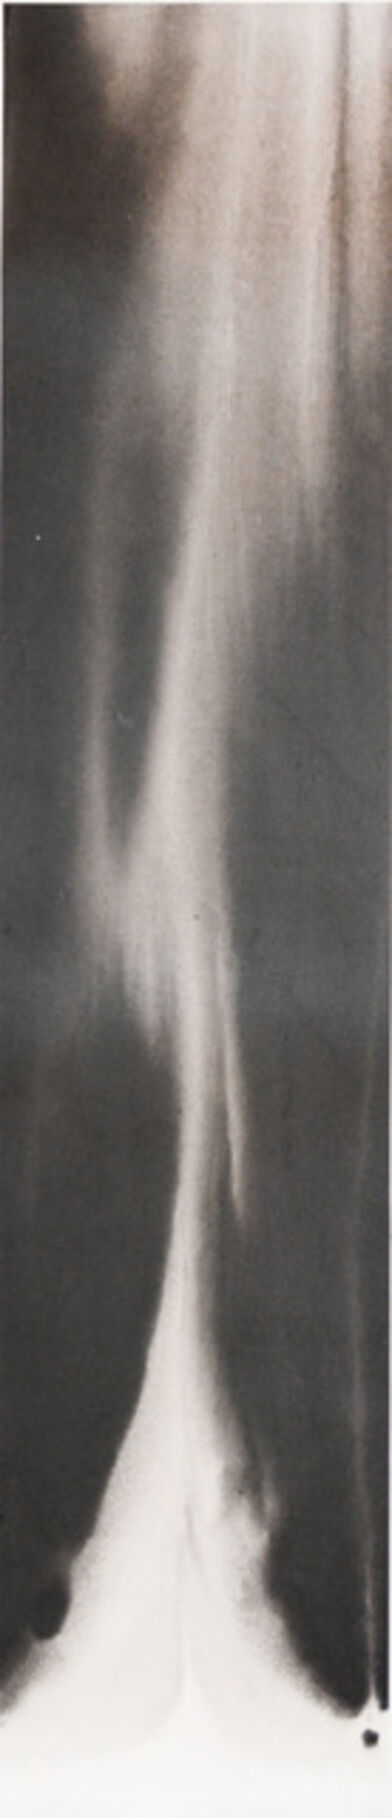 Cindy Ng Sio Leng 吴少英, 'Ink 4', 2013 -2014